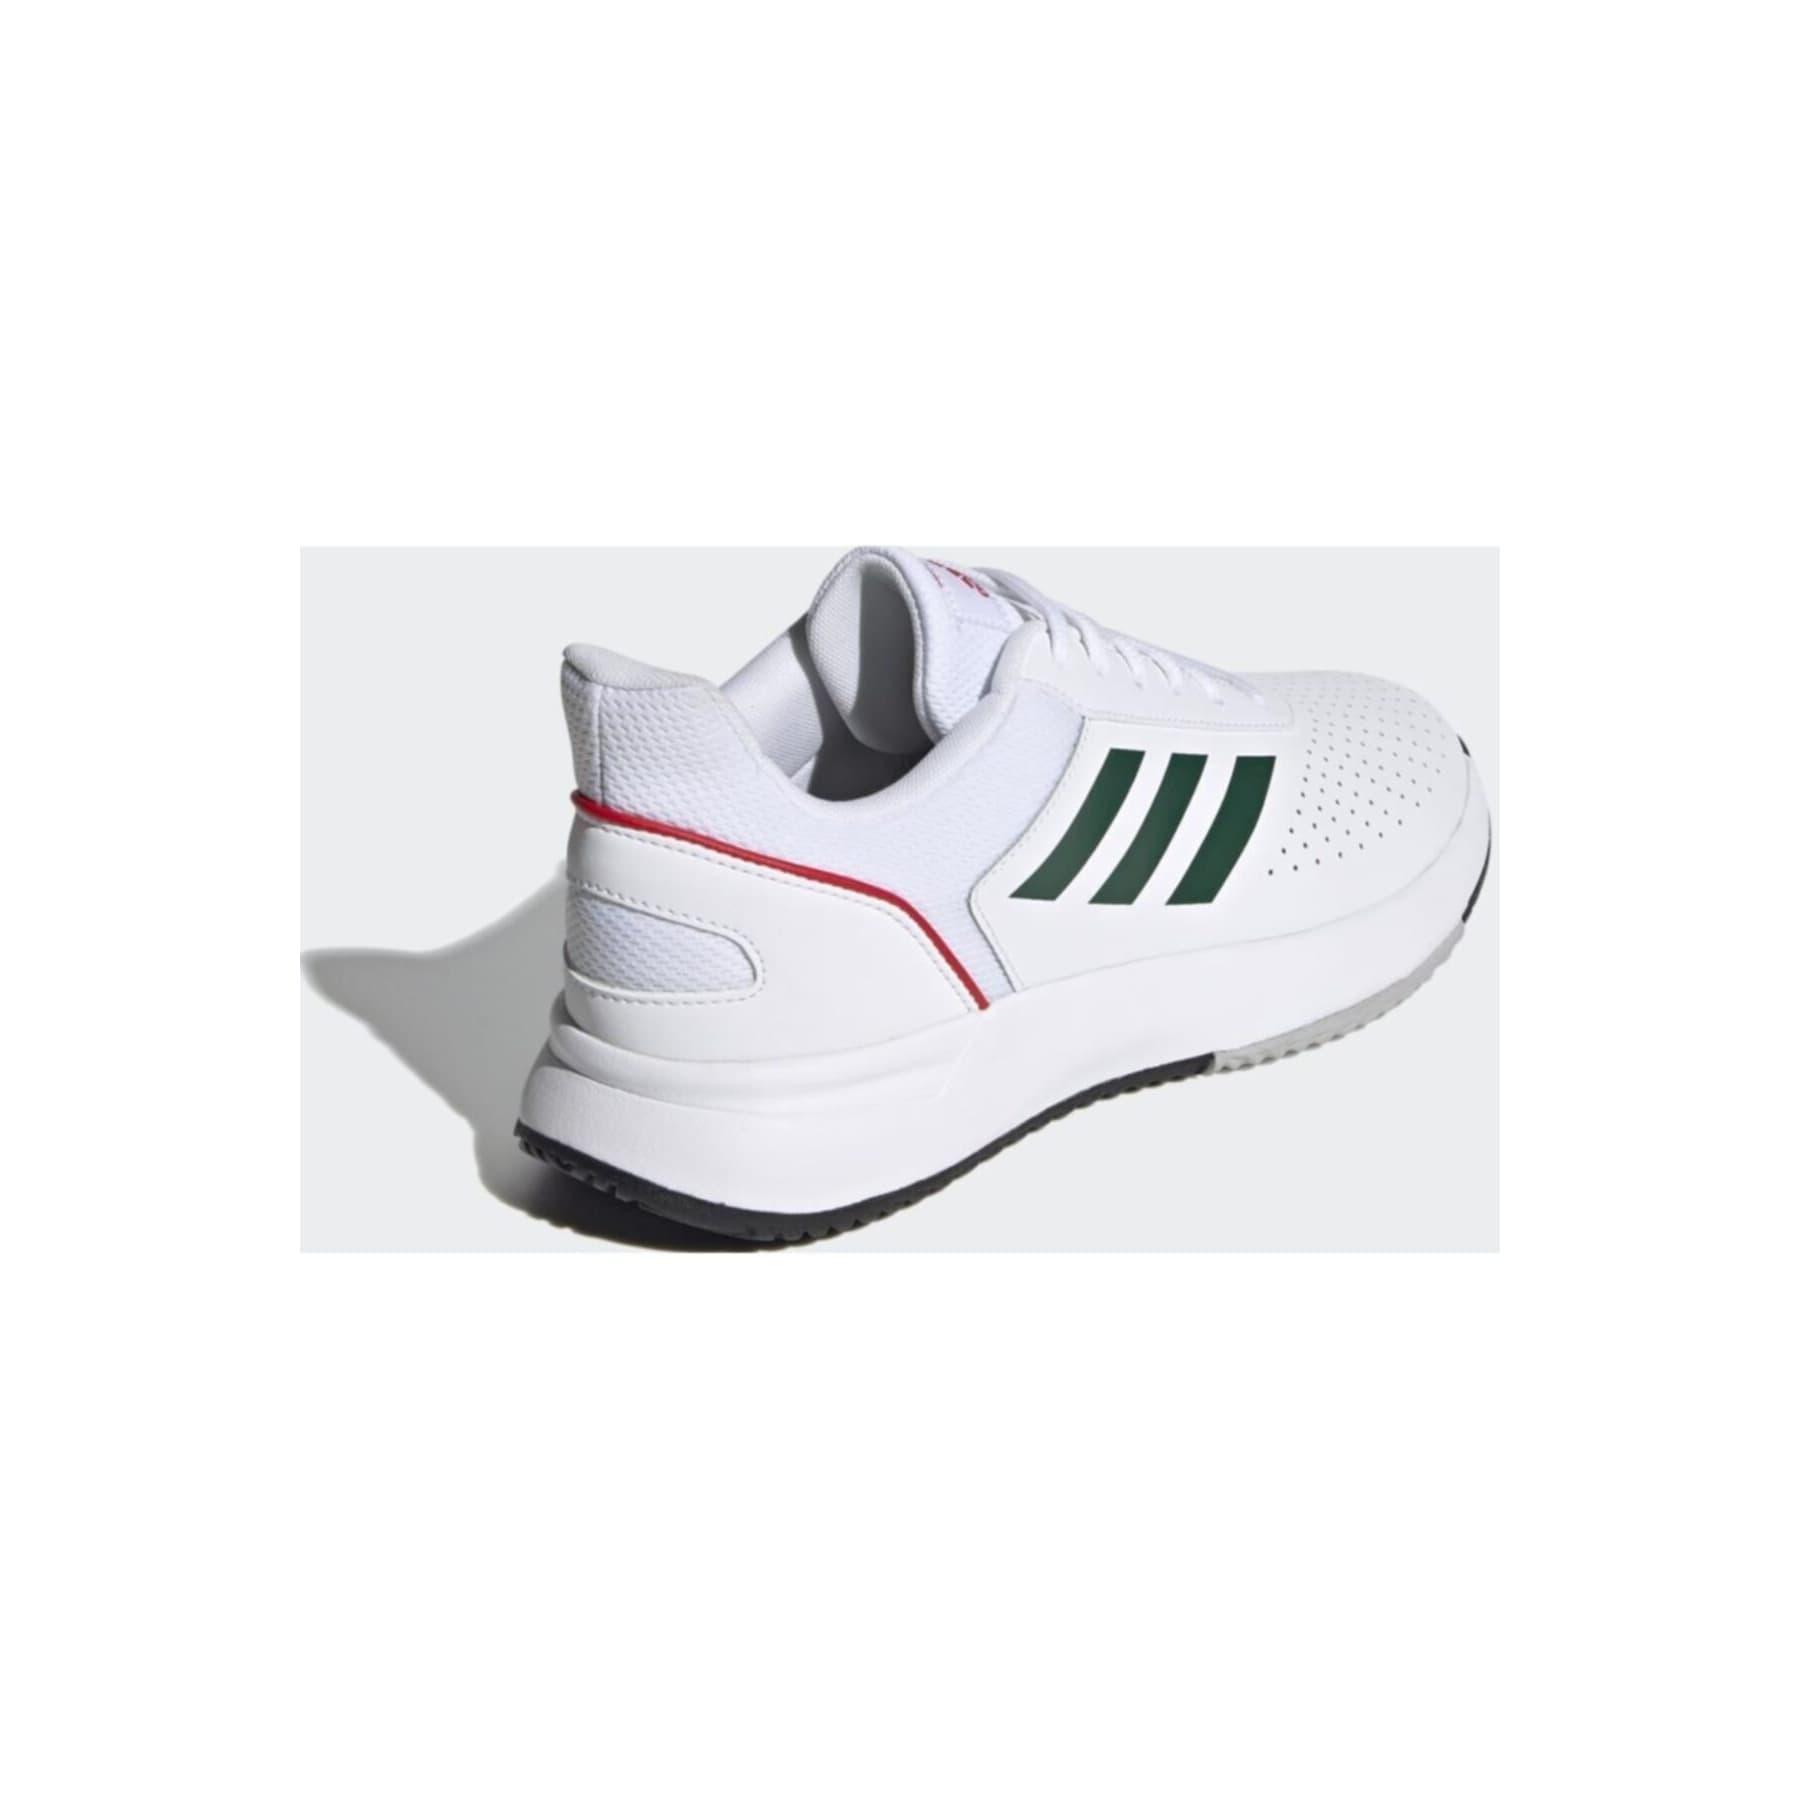 Courtsmash Erkek Beyaz Tenis Ayakkabısı (FY8651)